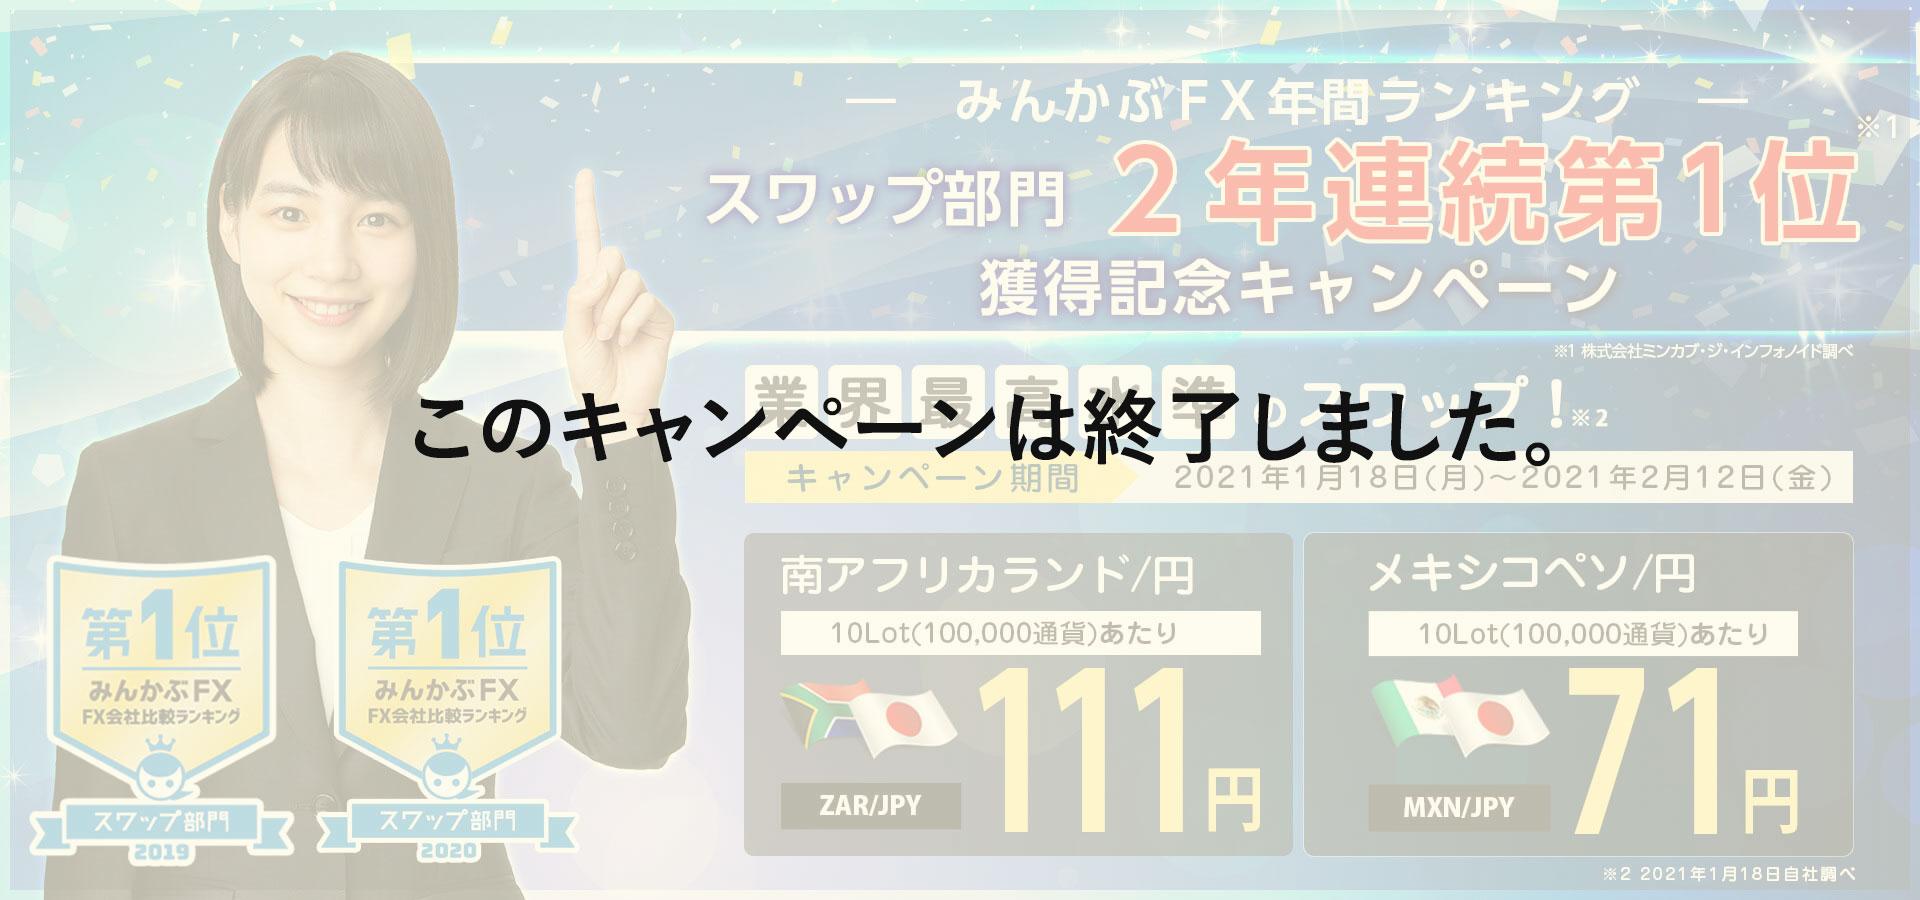 みんかぶFX年間ランキングスワップ部門2年連続第1位獲得記念キャンペーン